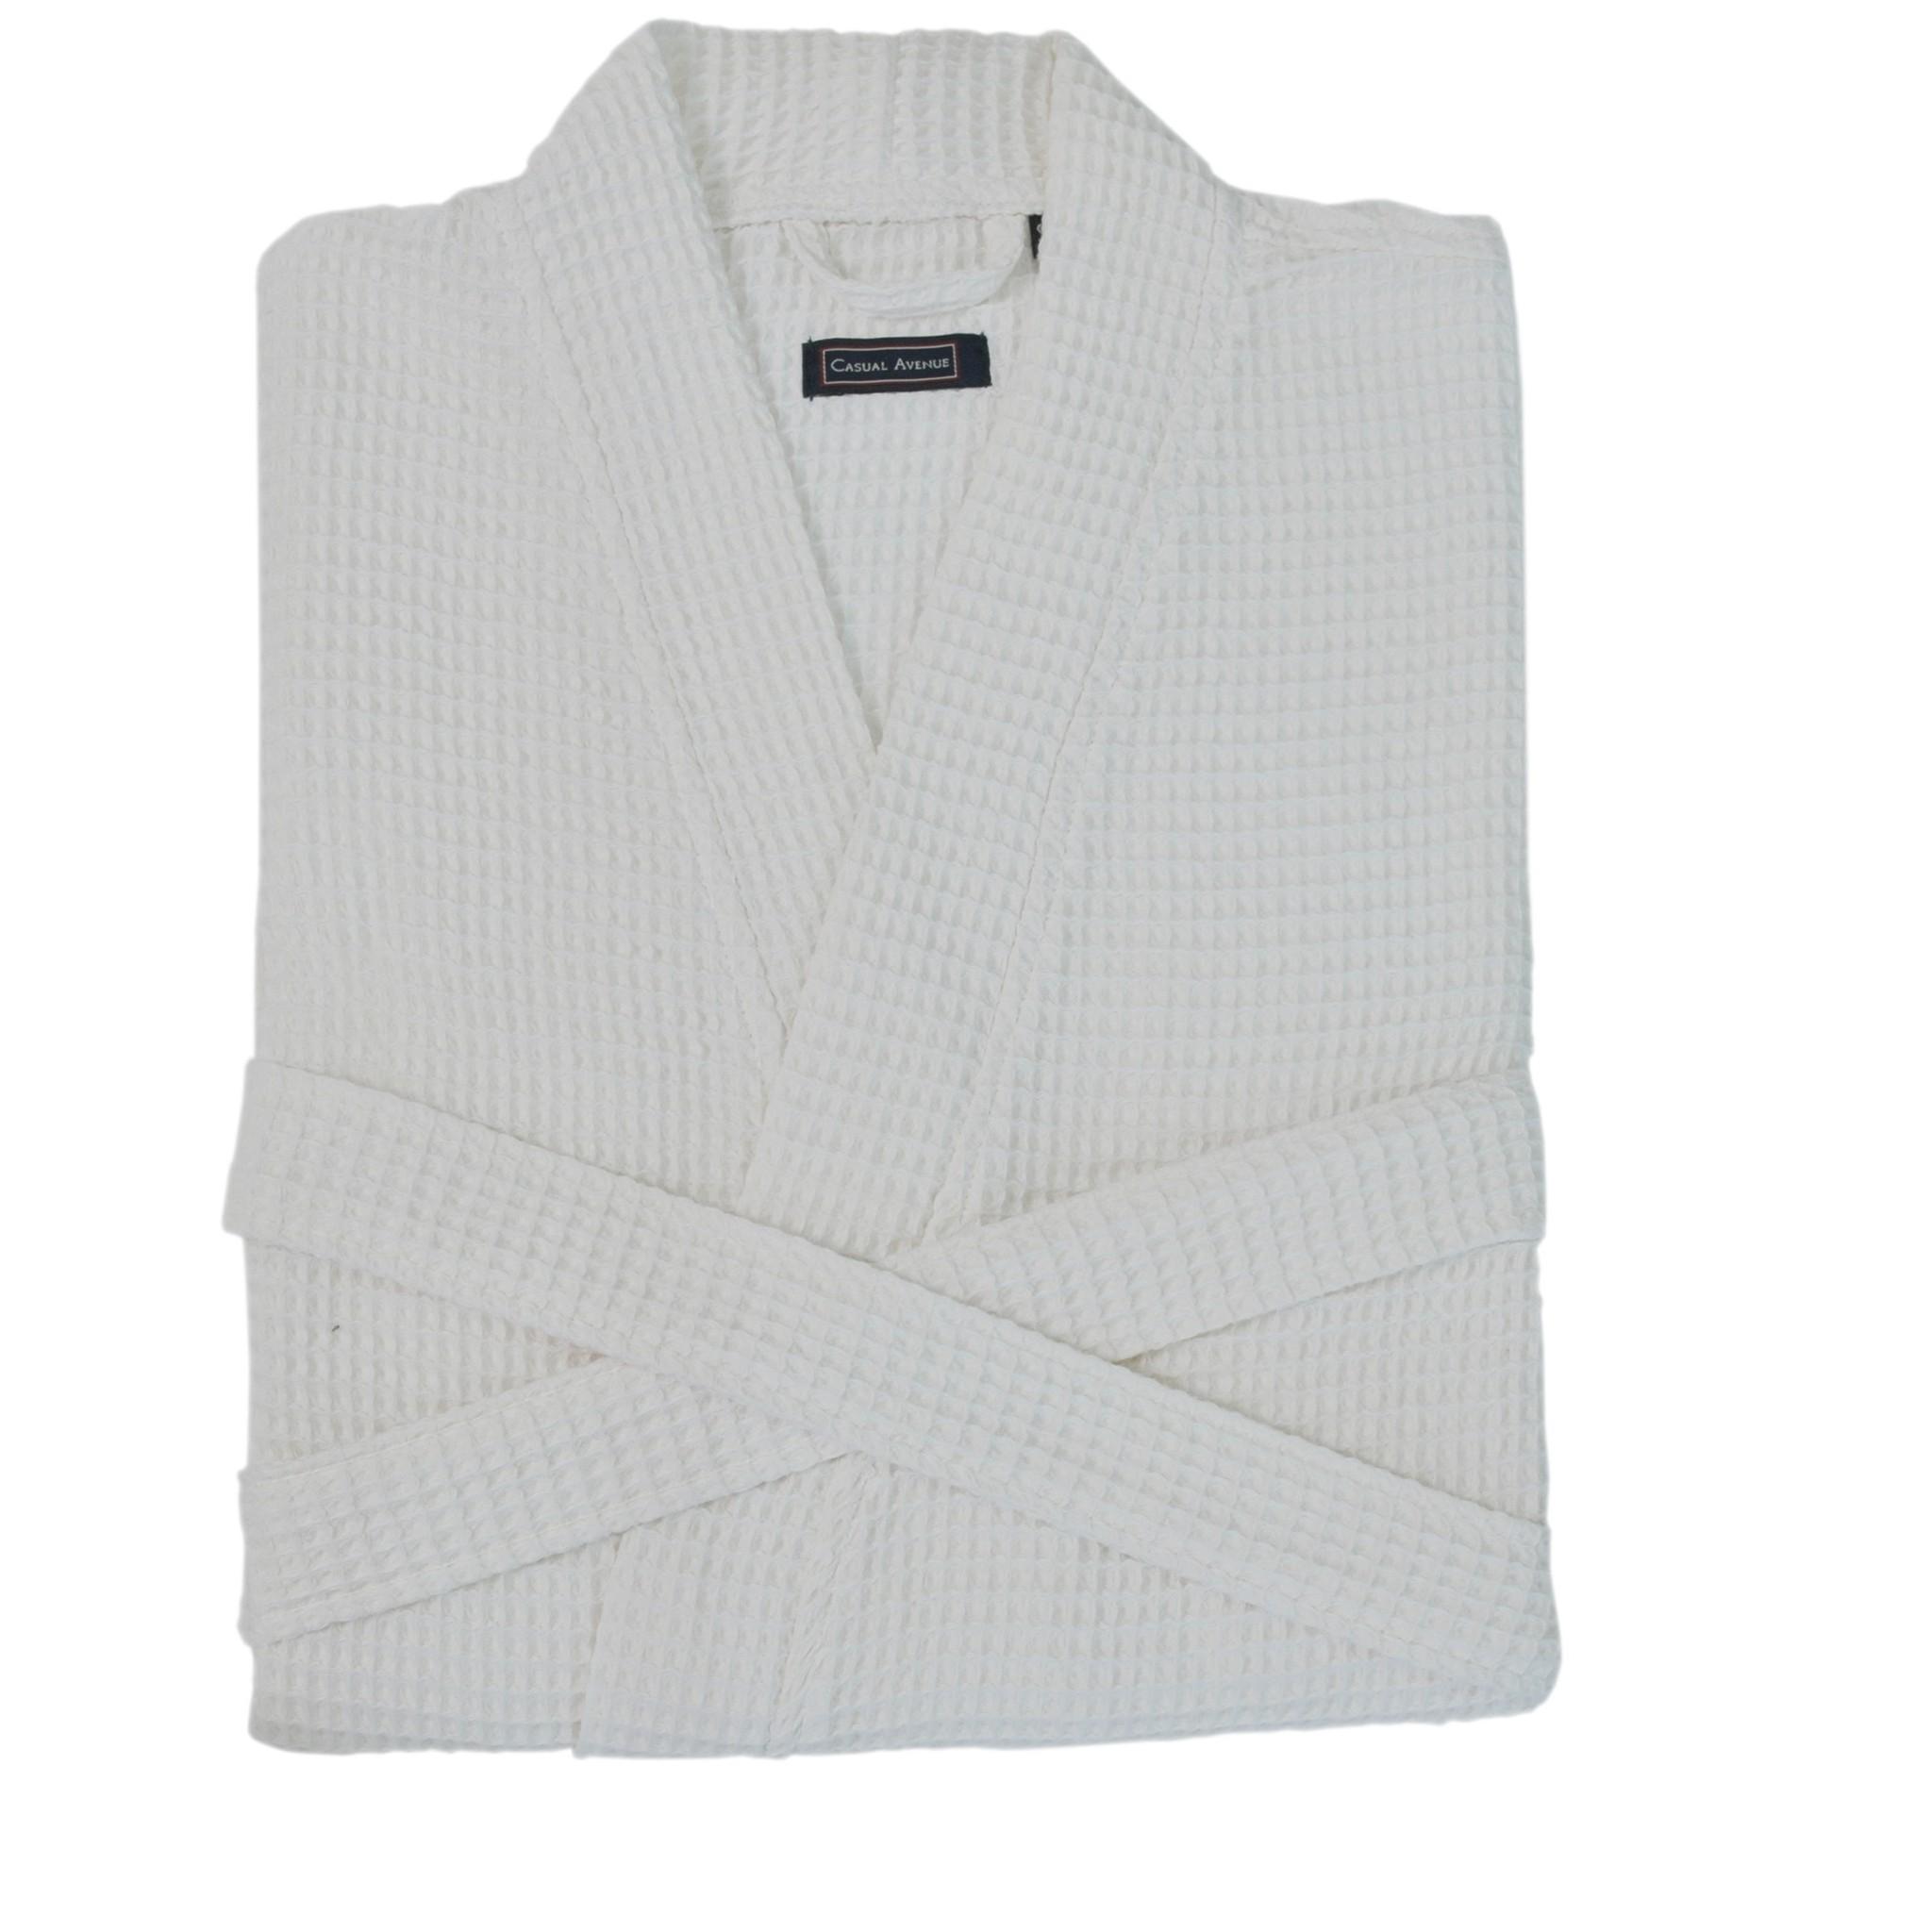 Элитный халат вафельный Long Island белый от Casual Avenue